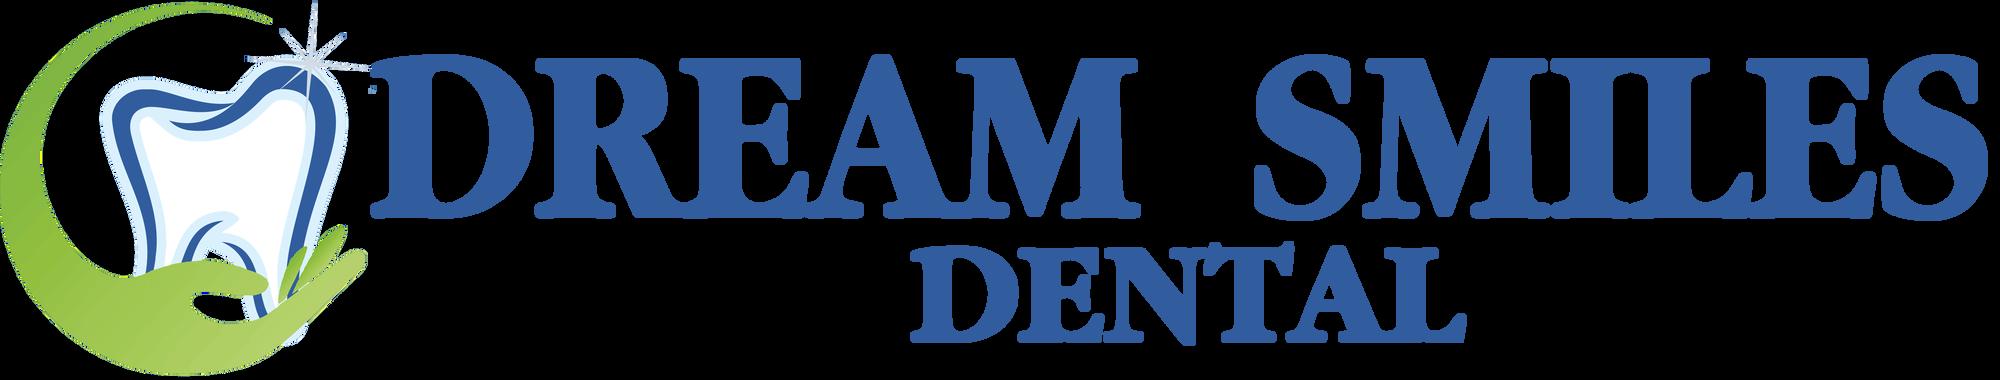 Dream Smiles Dental